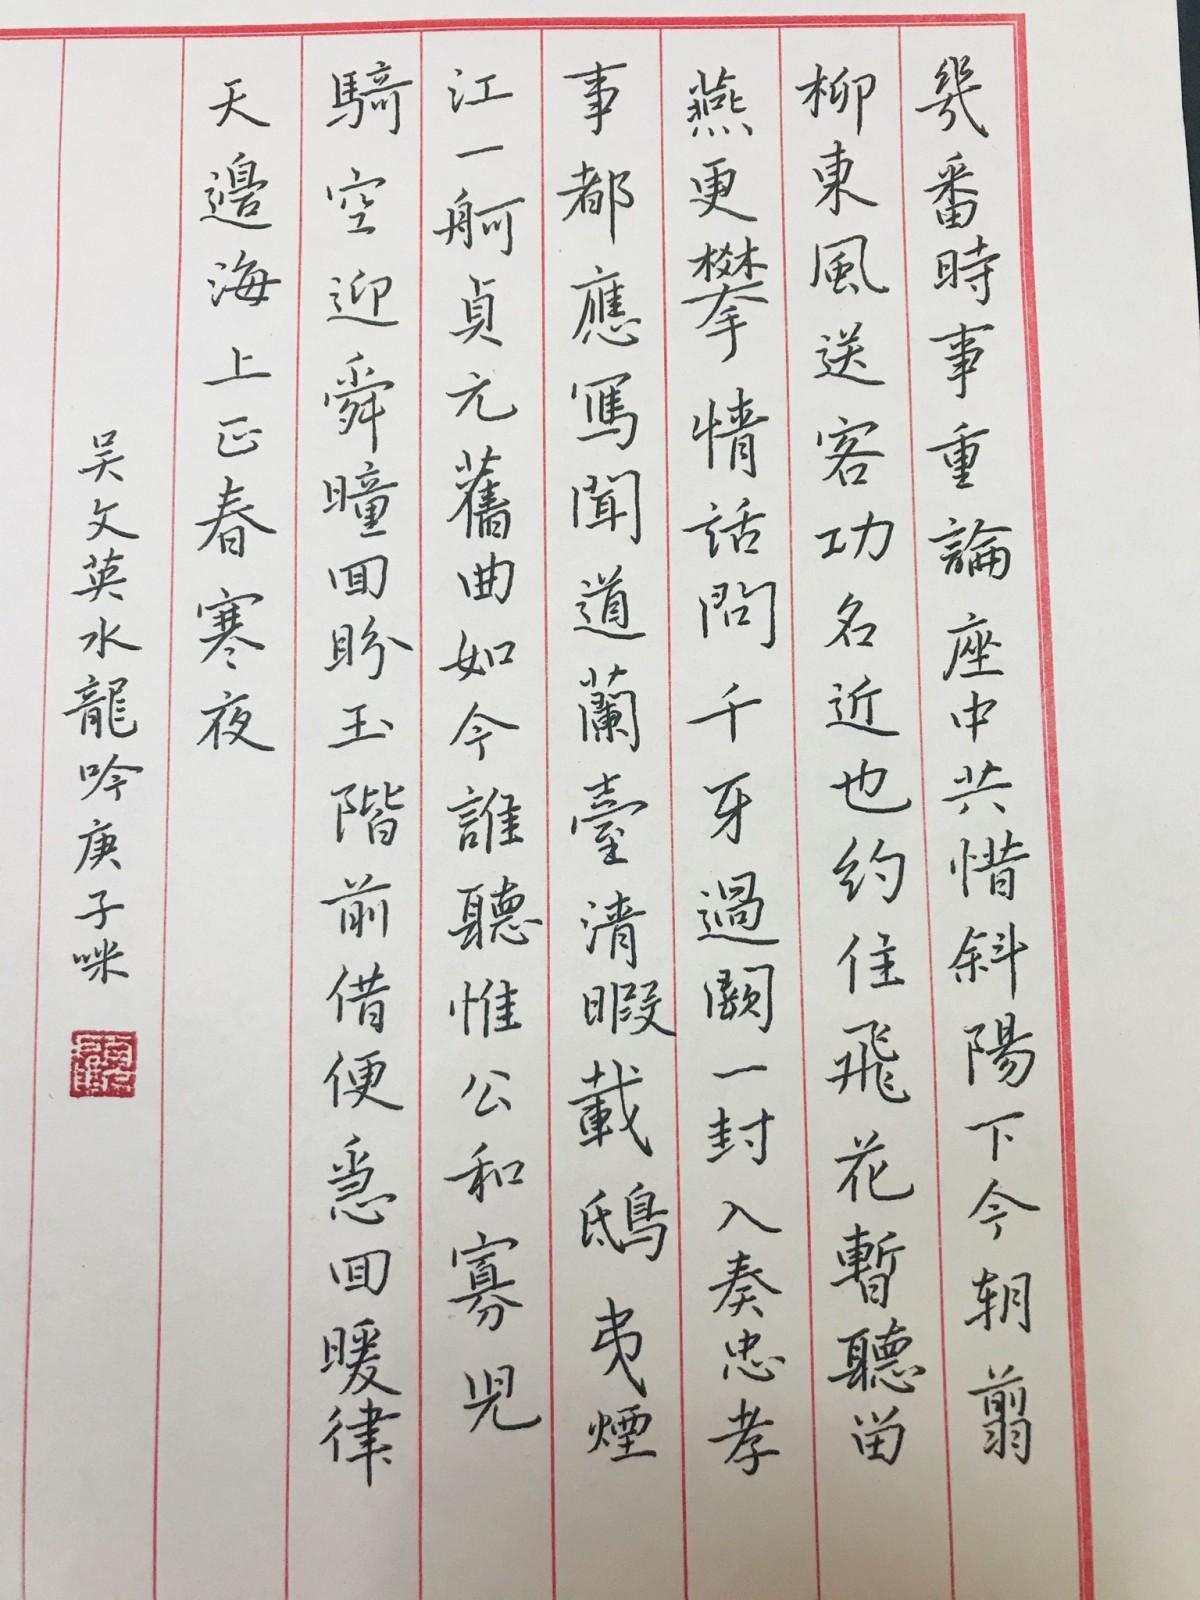 钢笔爱好者练字打卡20210126-10